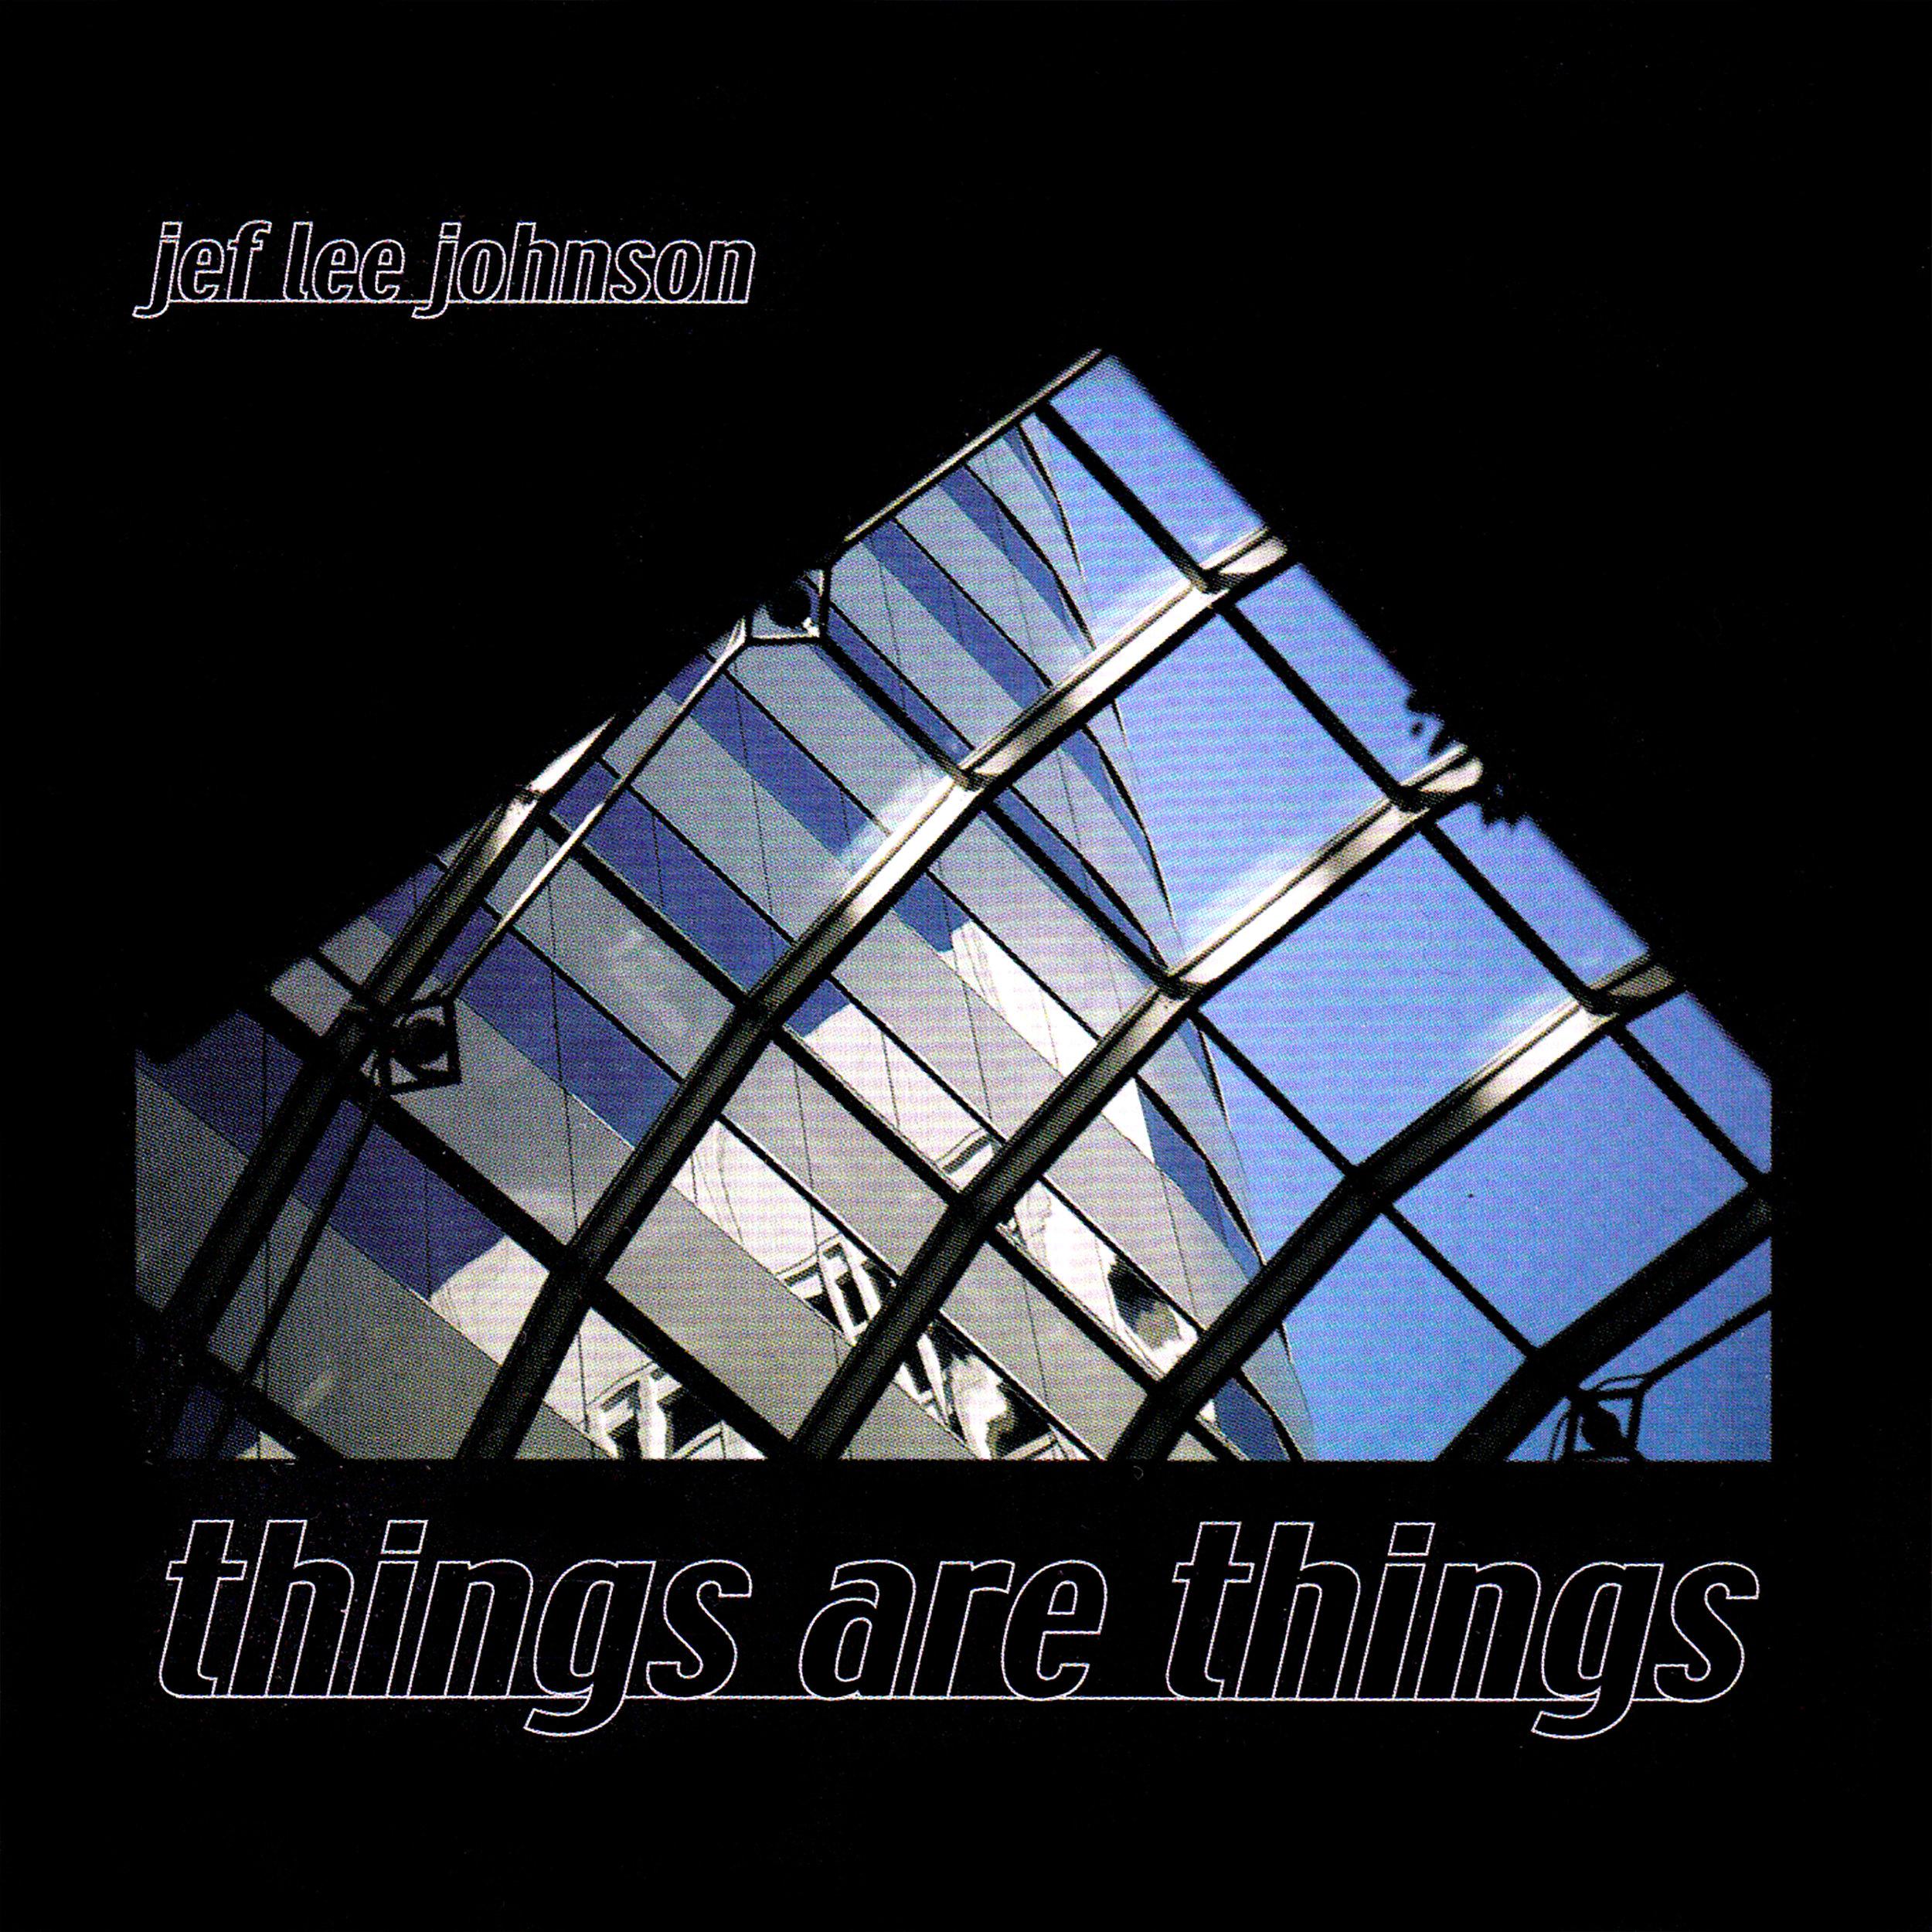 Things are Things.jpg